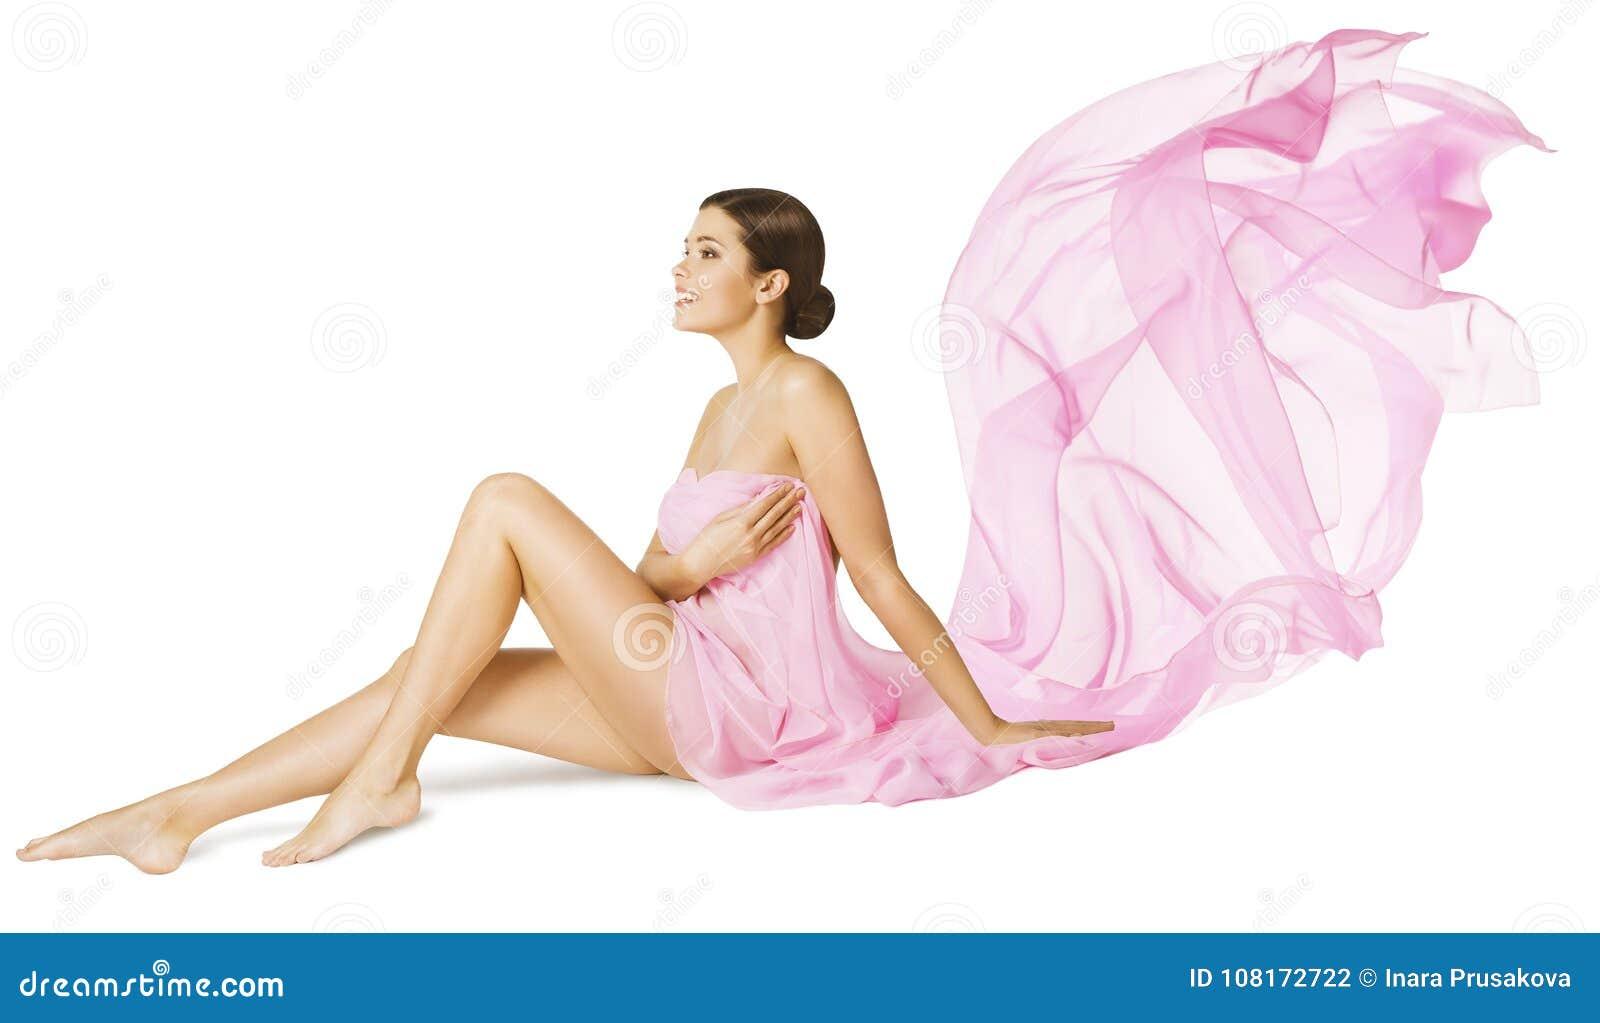 Cuidado da beleza do corpo da mulher, modelo  sexy  no vestido de fluxo do voo cor-de-rosa